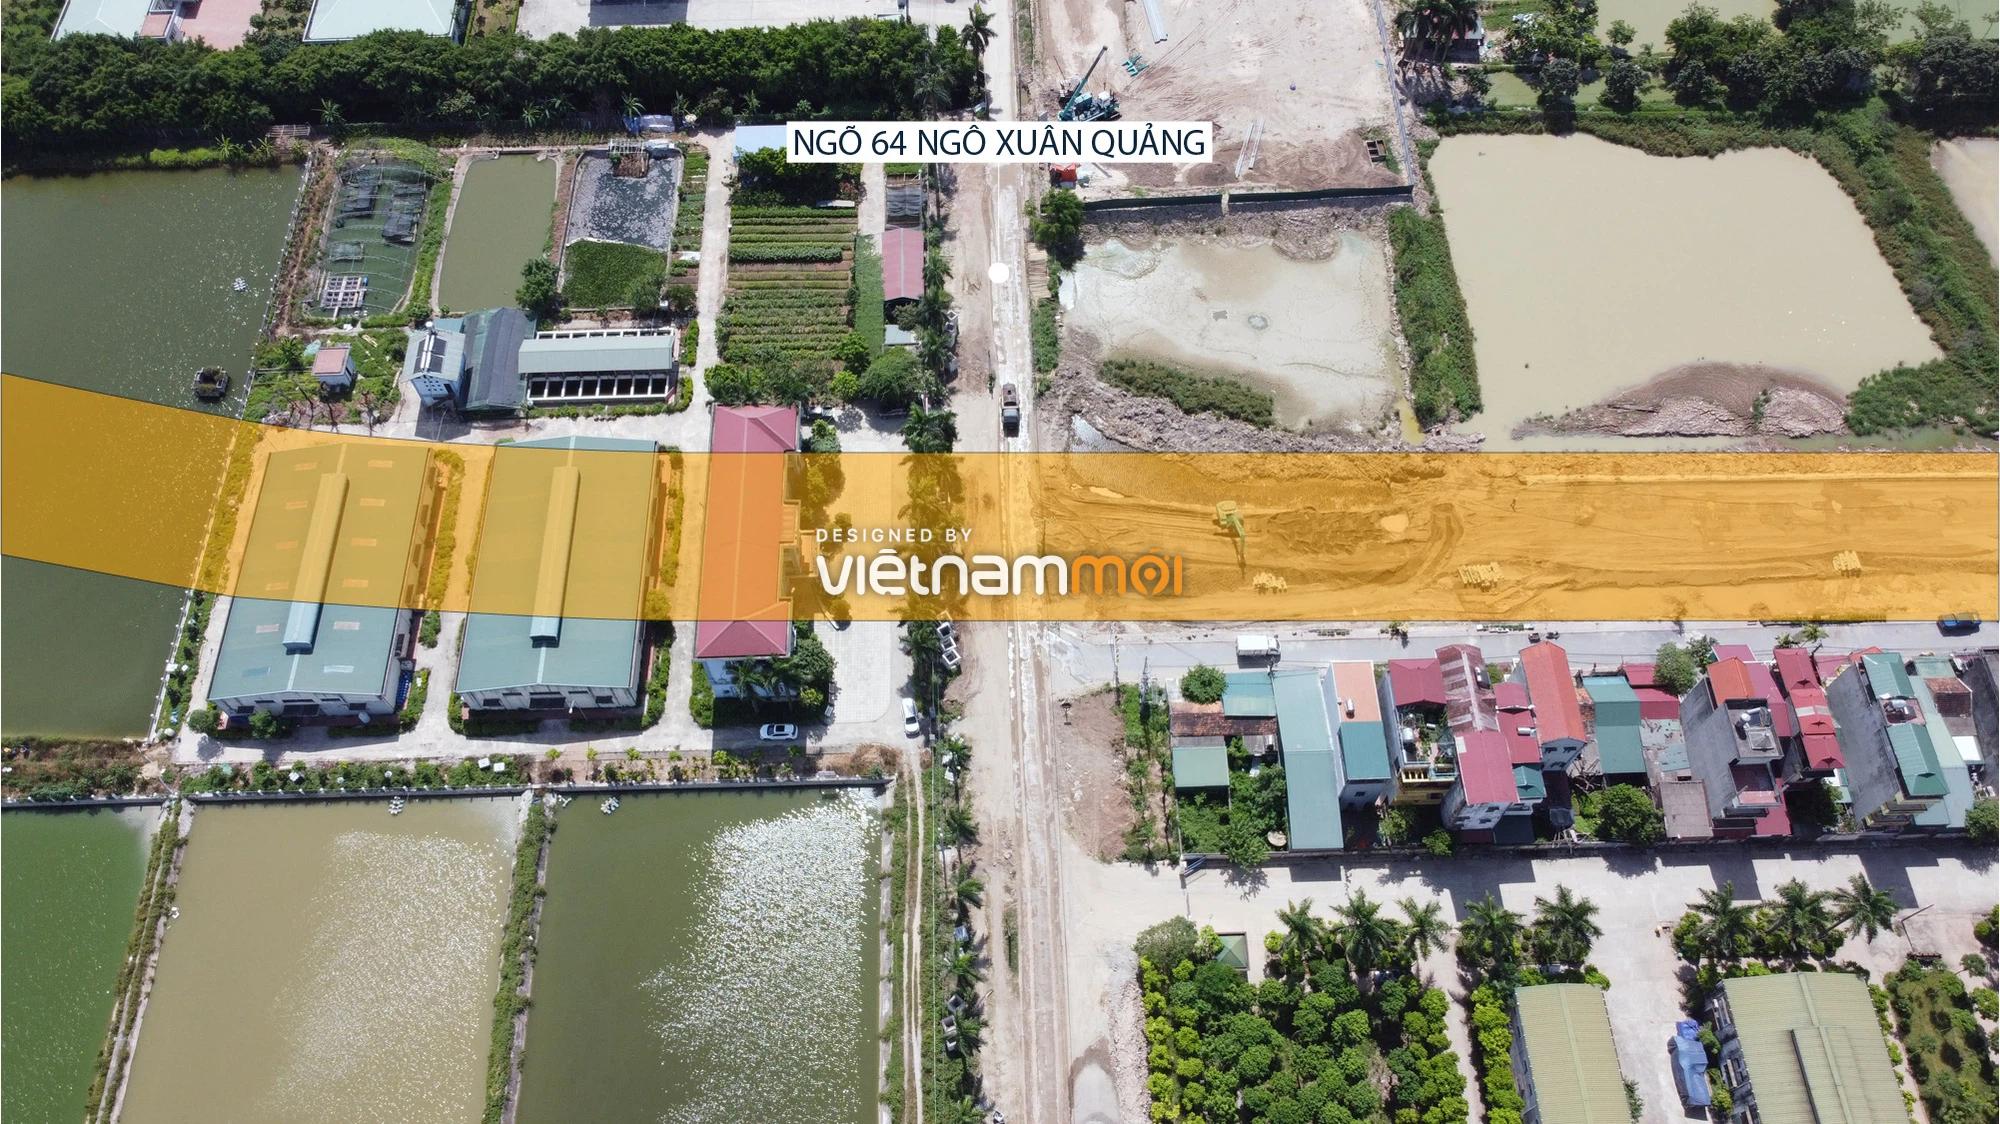 Toàn cảnh tuyến đường từ Vinhomes Ocean Park đến QL5 qua Học viện Nông nghiệp đang mở theo quy hoạch ở Hà Nội - Ảnh 14.